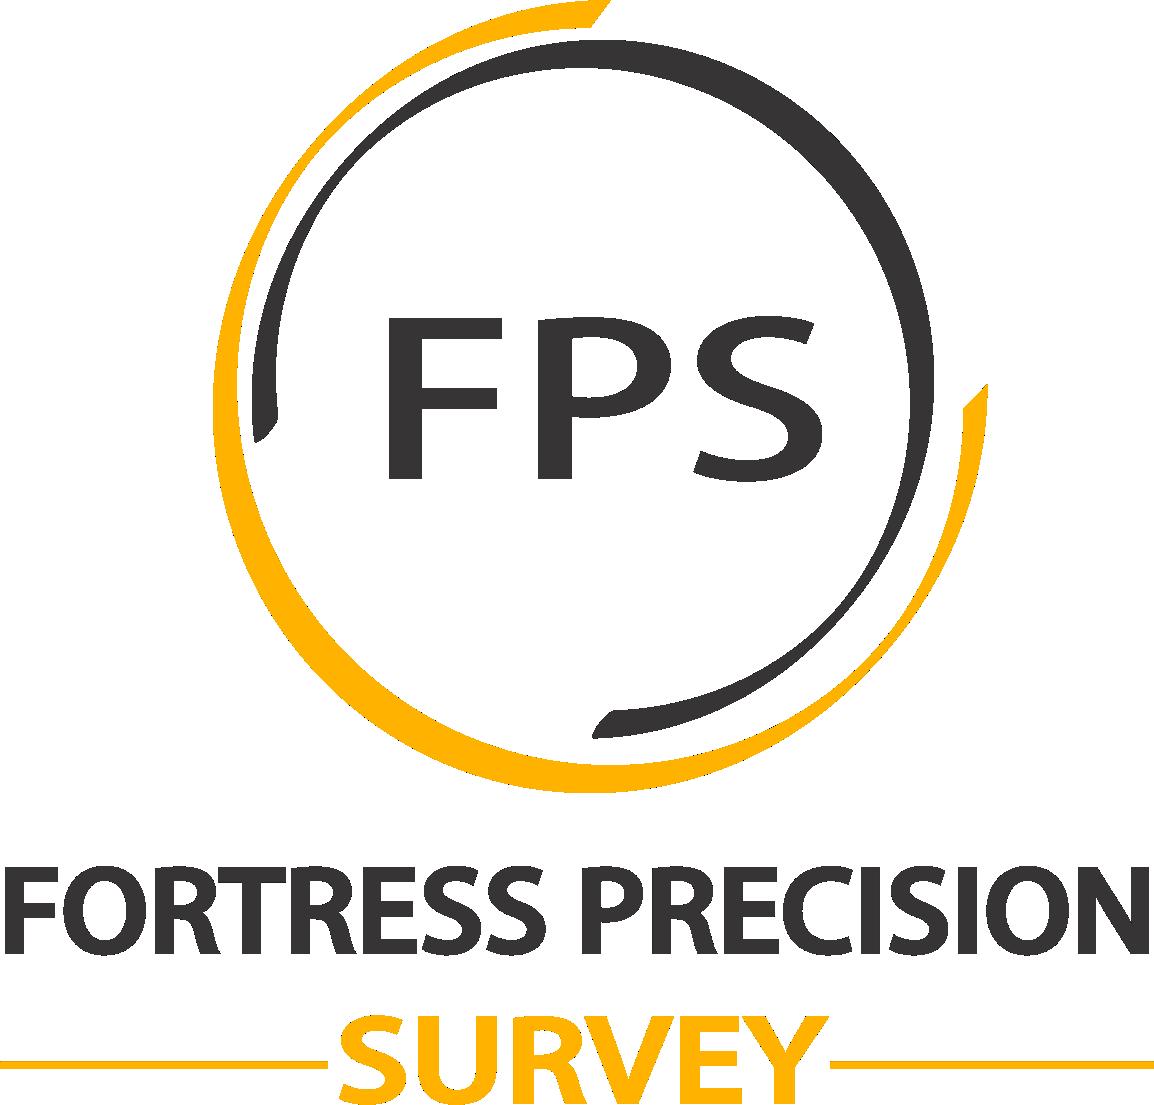 fortress Precision Survey